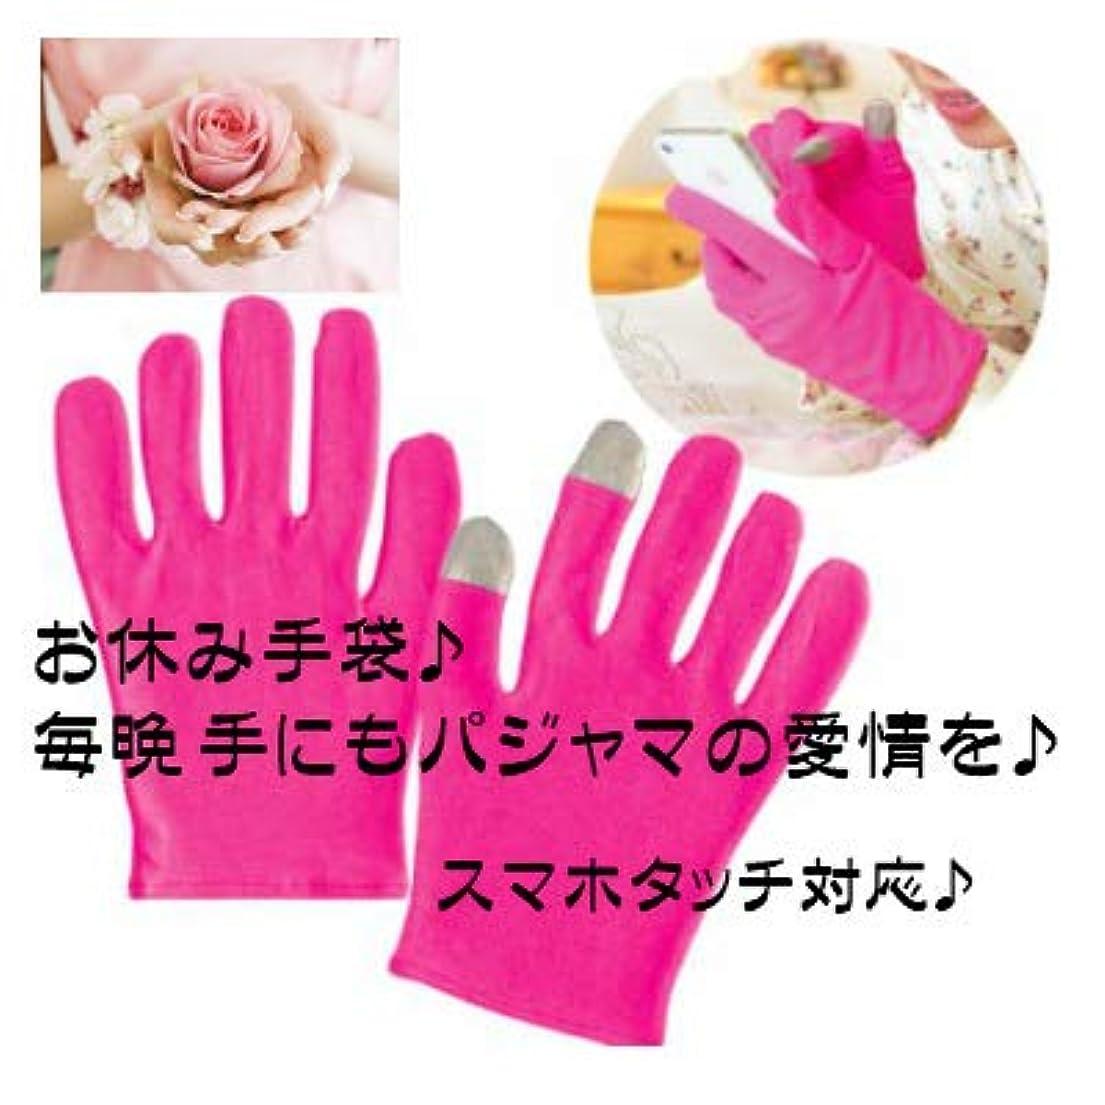 ながら滑りやすい休日●美容ハンドケア手袋 就寝手袋 スマホタッチ対応 おやすみ手袋保湿手袋ネイルケア